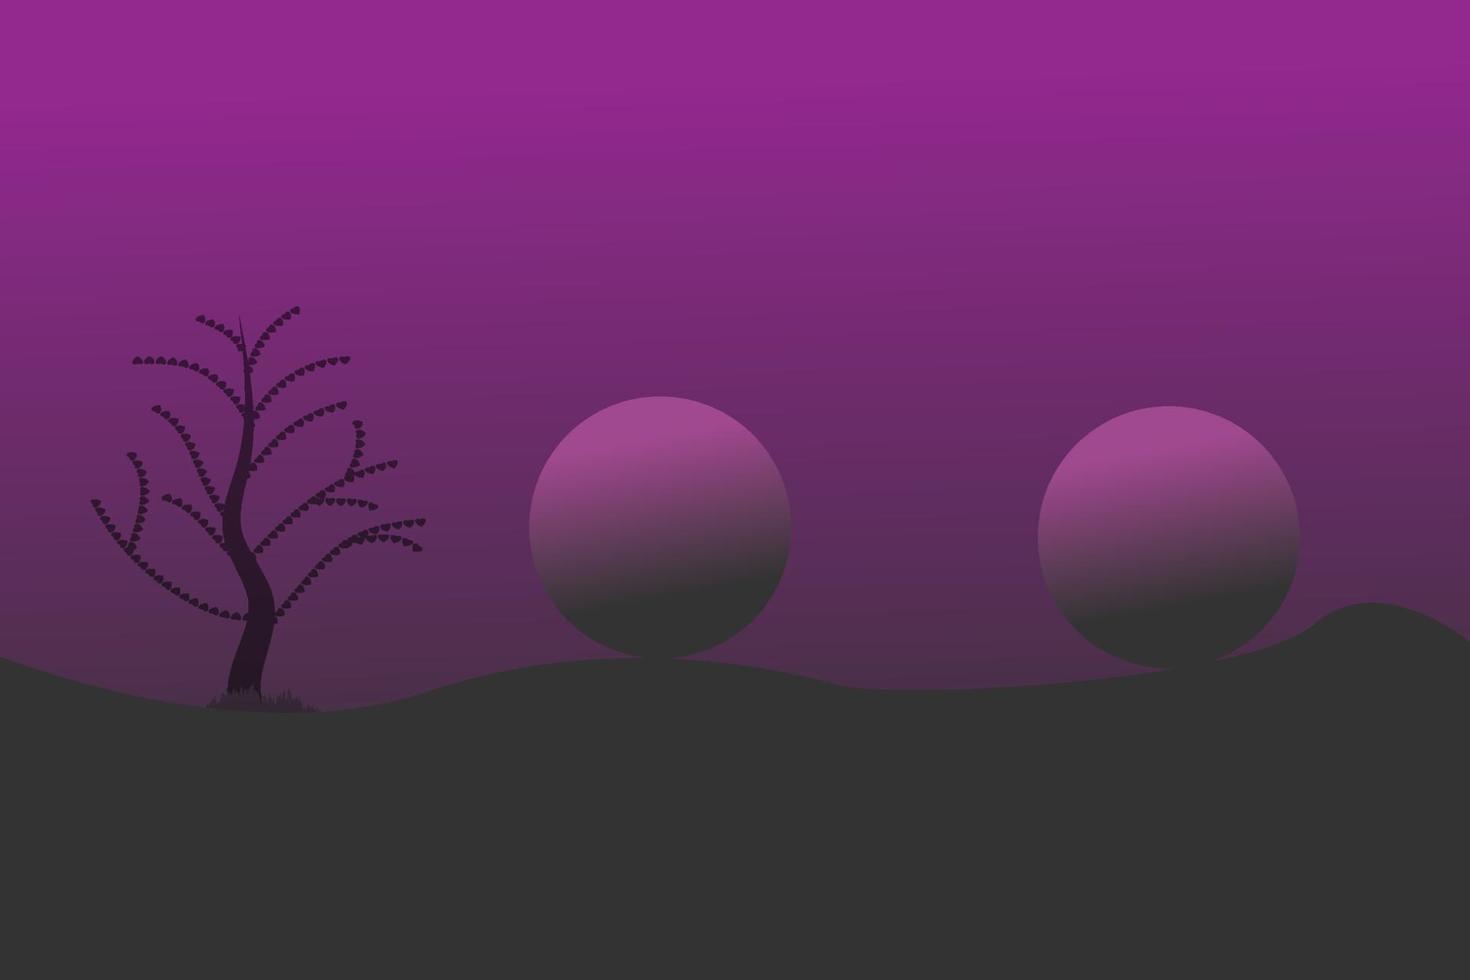 nachtzicht paarse achtergrond abstract vector ontwerp